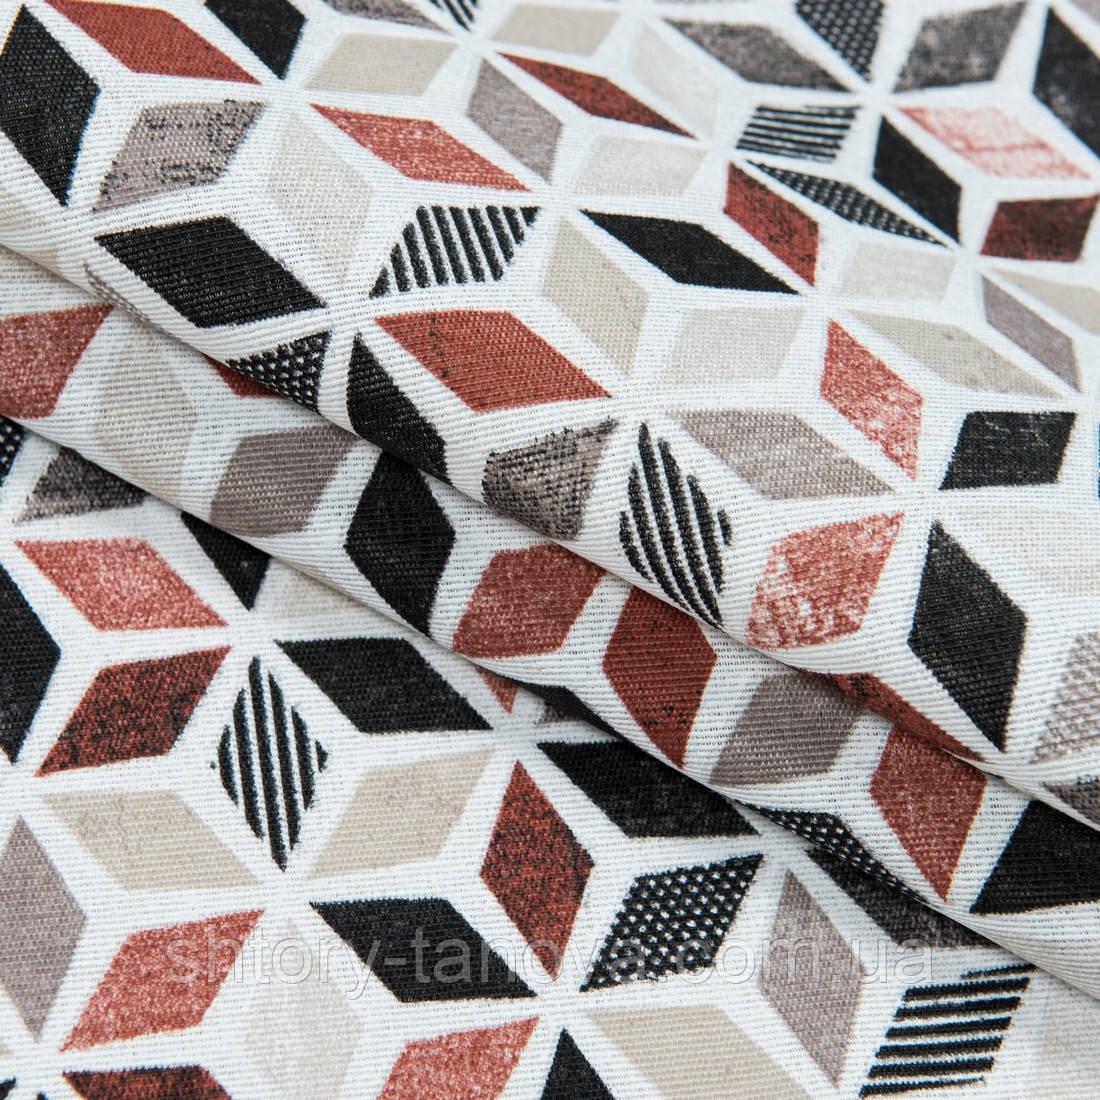 Декоративна тканина лонета лайф/life /абстракція коричнево-бурий,чорний,беж